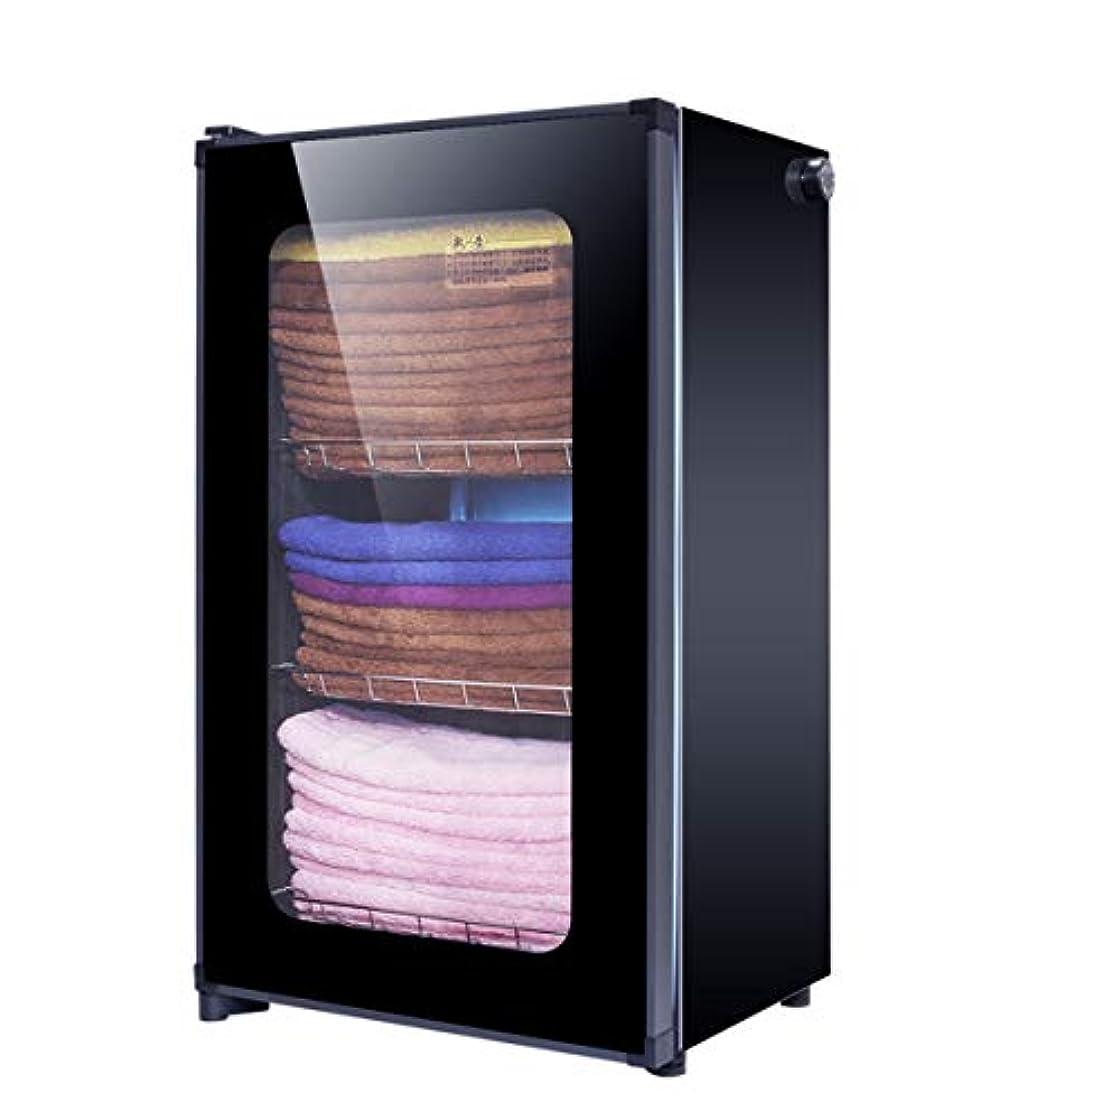 司令官発見静めるタオルヒーター/タオルウォーマー80L UV殺菌タオル殺菌ツールスパサロンマニキュア美容